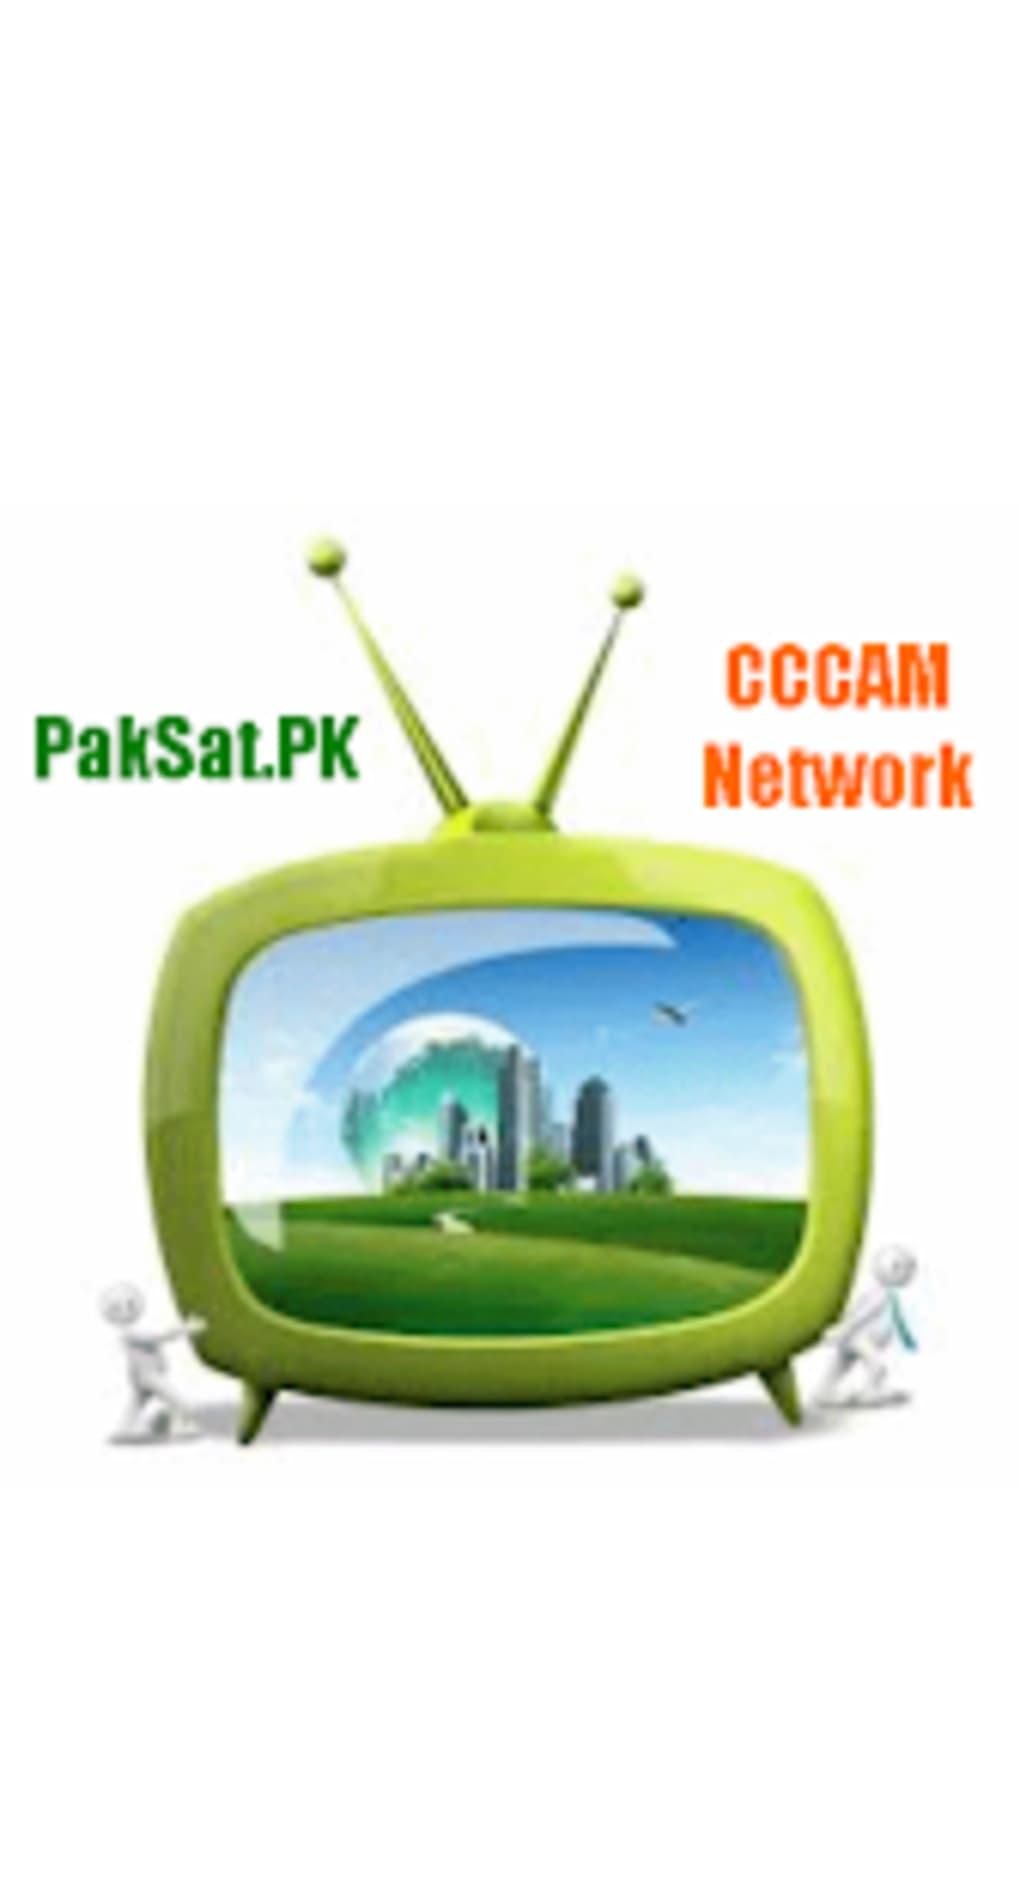 Cline PK CCcam server - Cline CCcam Reseller Panel for